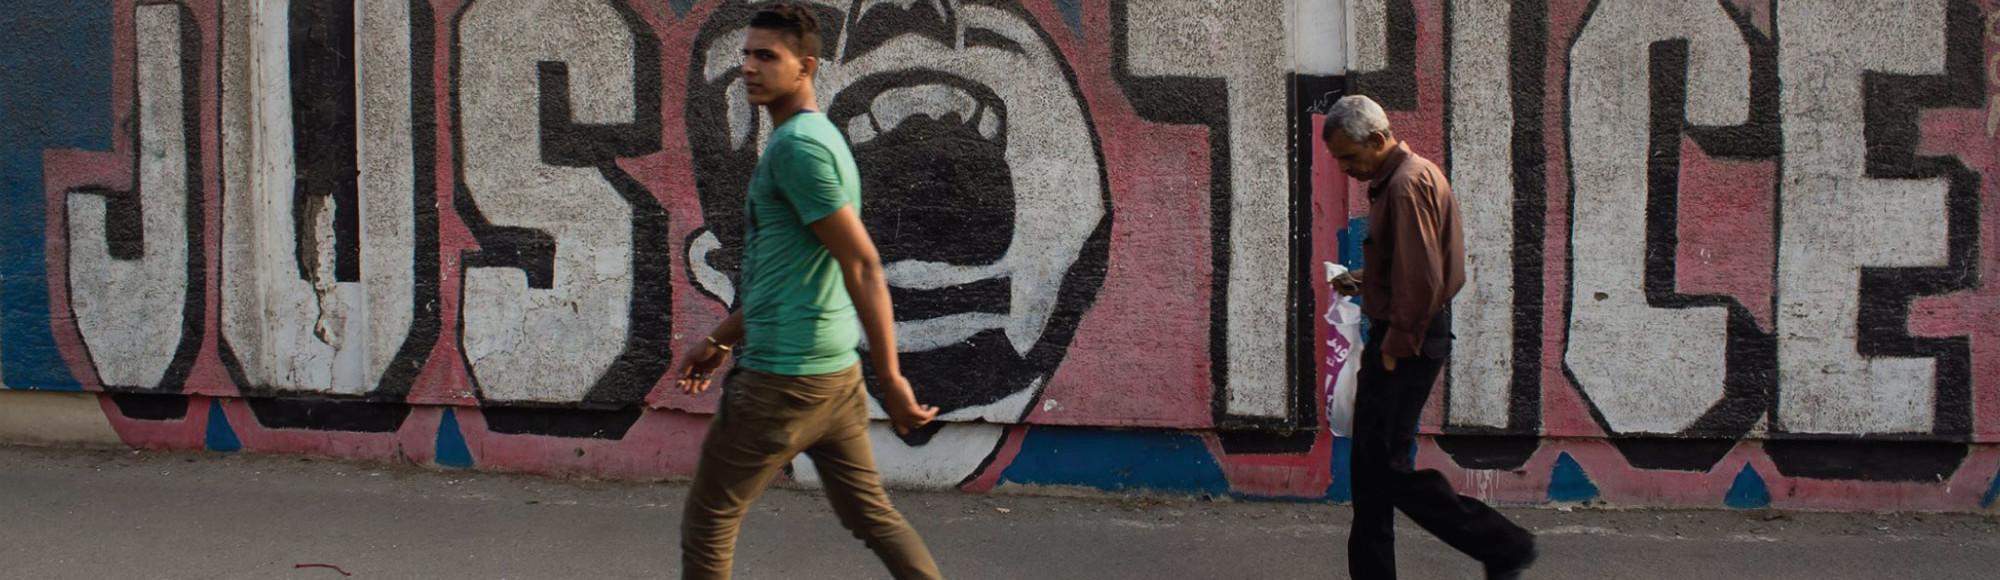 Ägyptischer Fußball ist eine Gefahr für den Staat